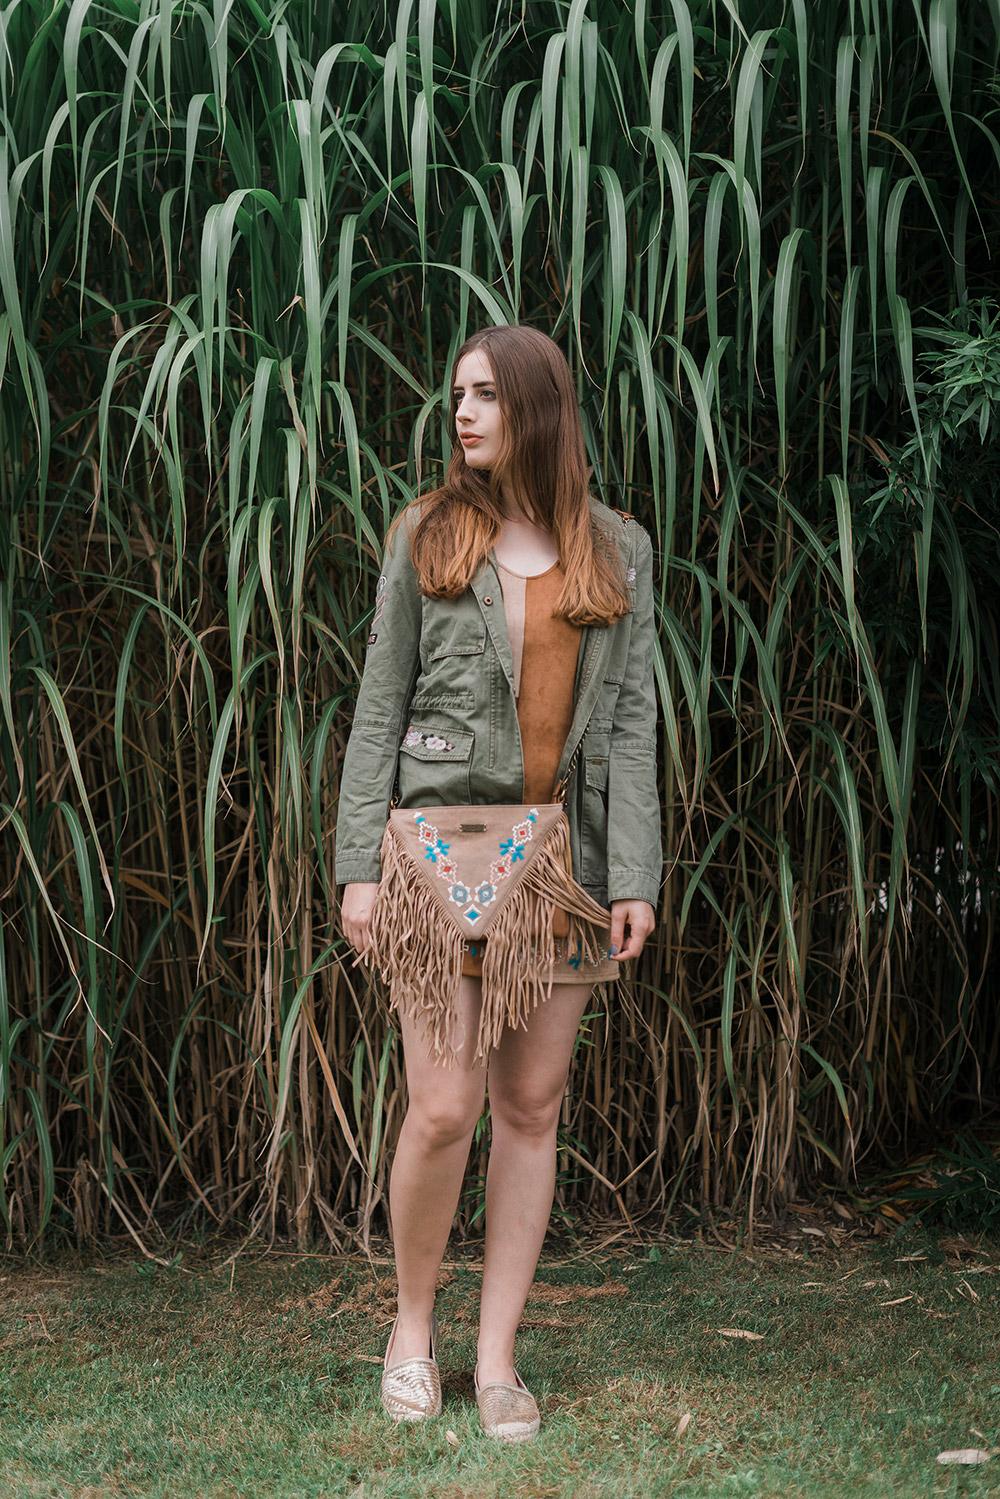 andysparkles-Was hilft gegen Schüchternheit-Modeblog Berlin-Freitagspost